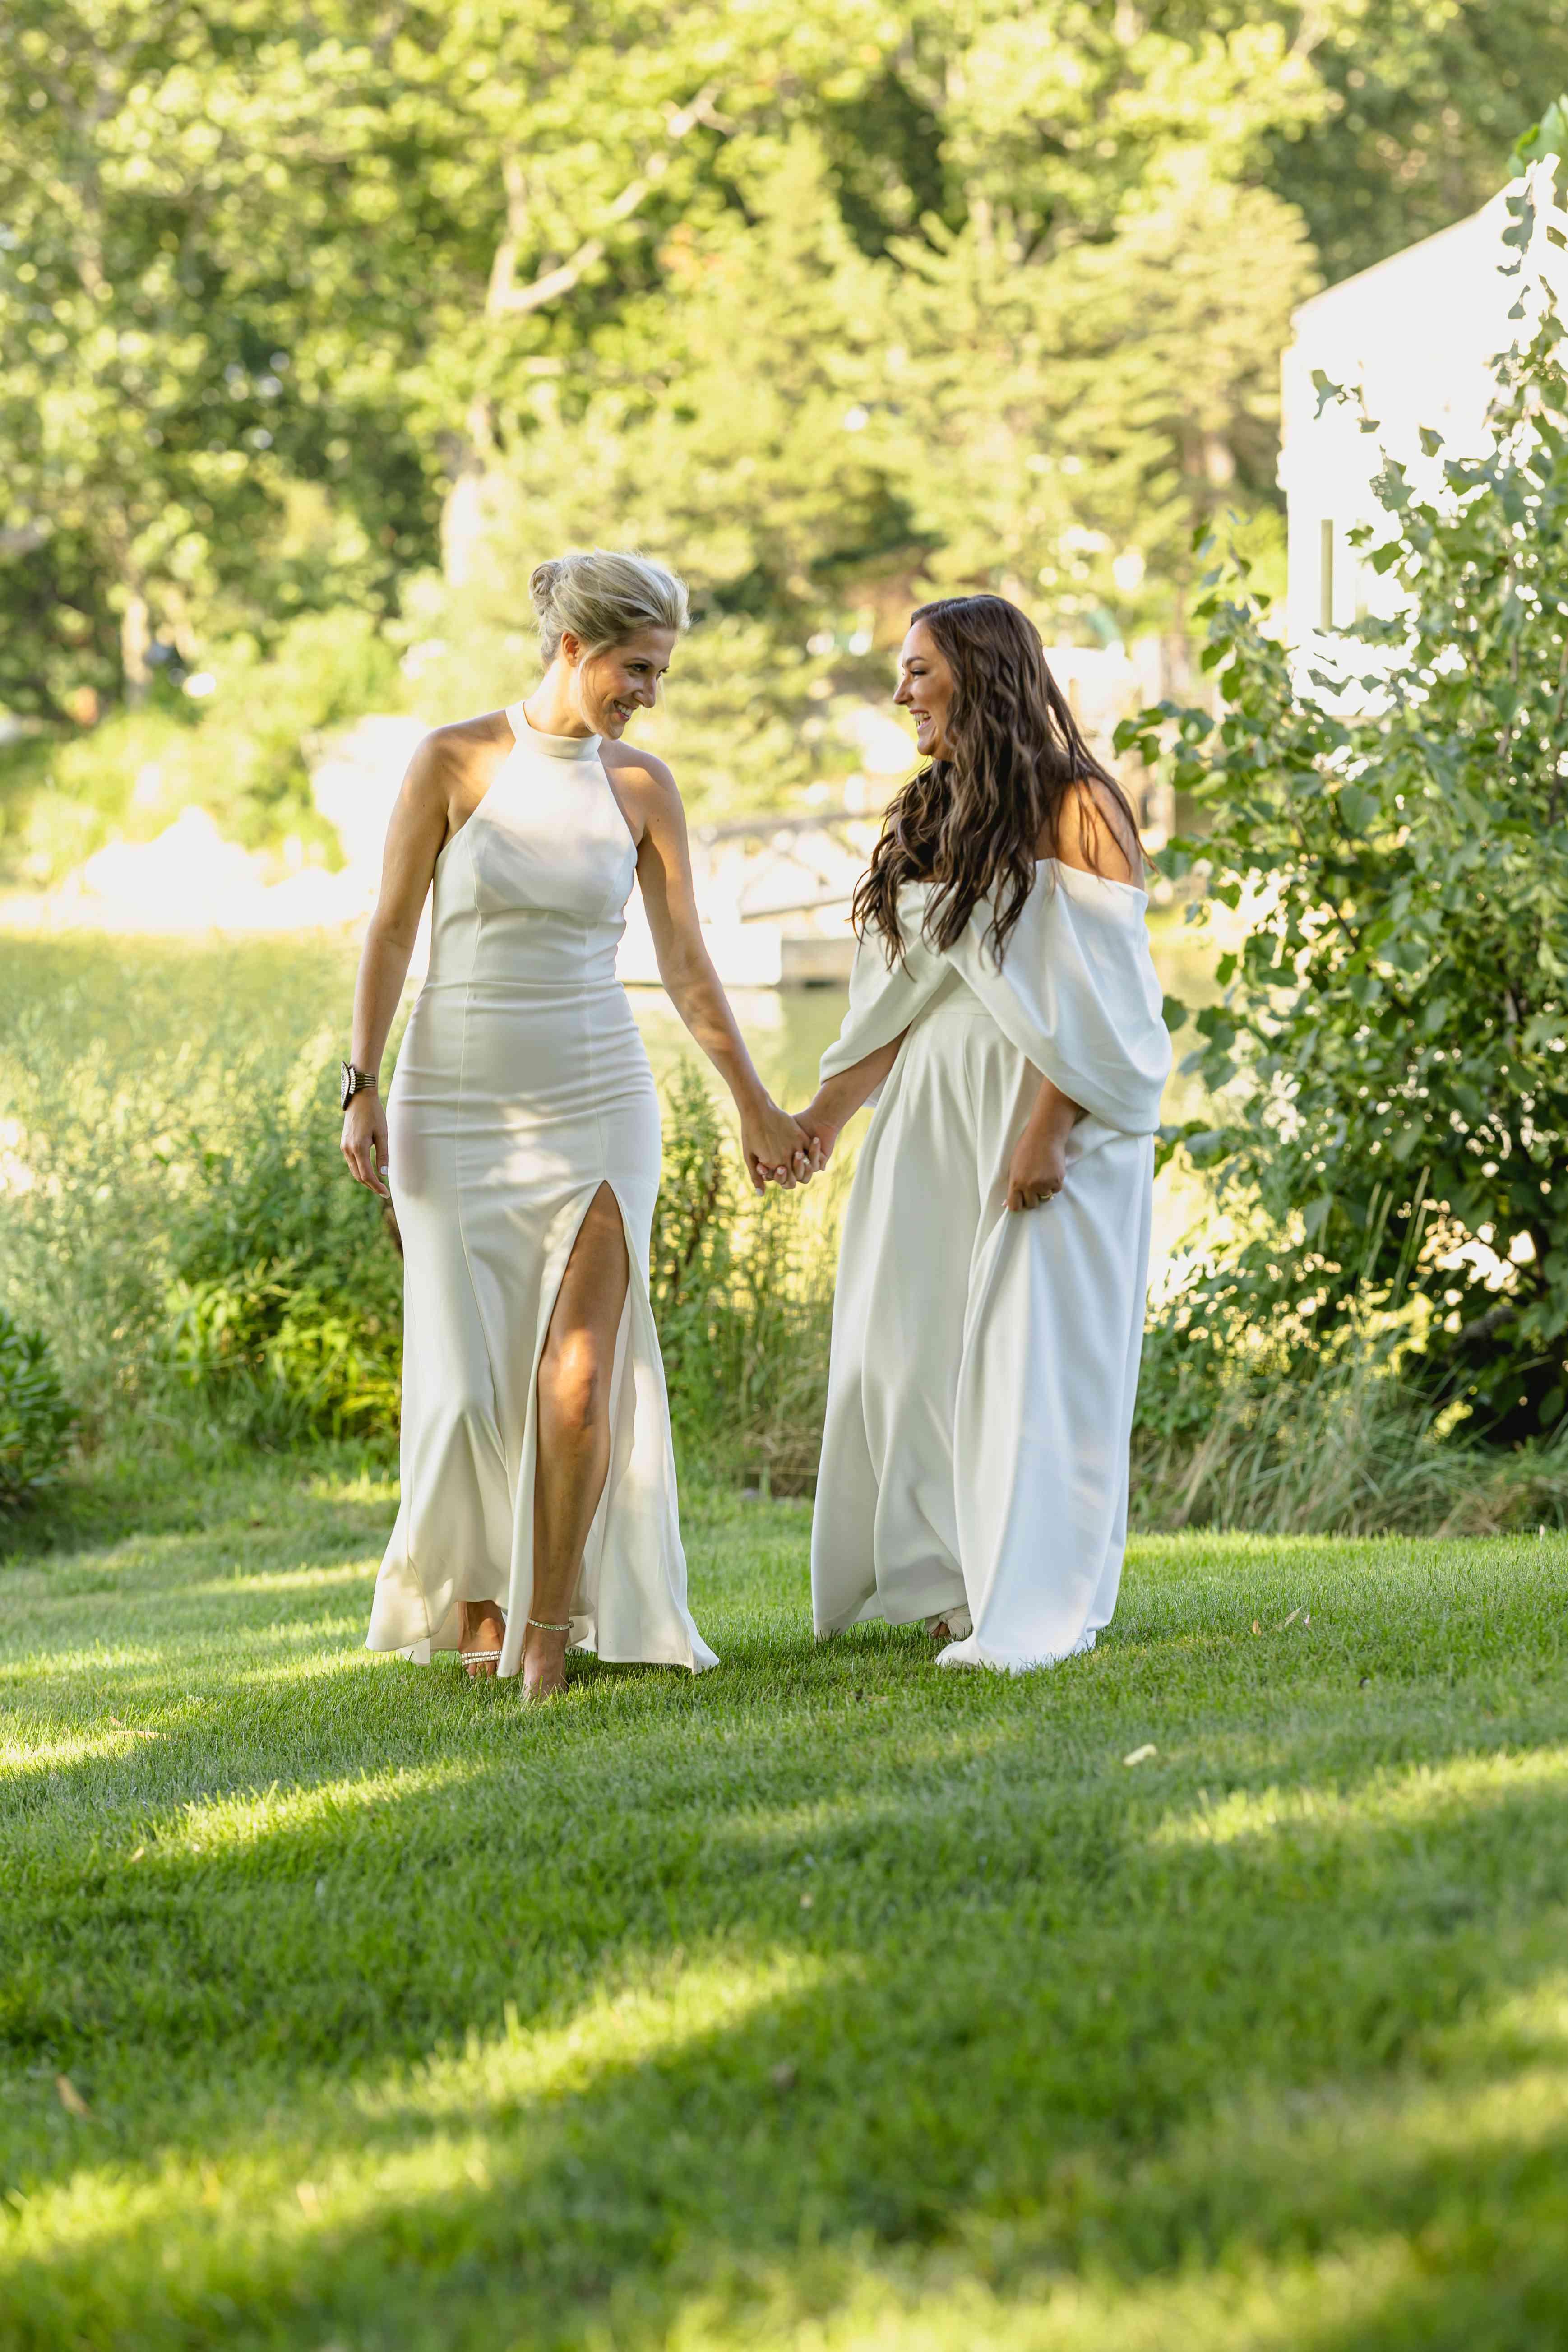 brides walking together